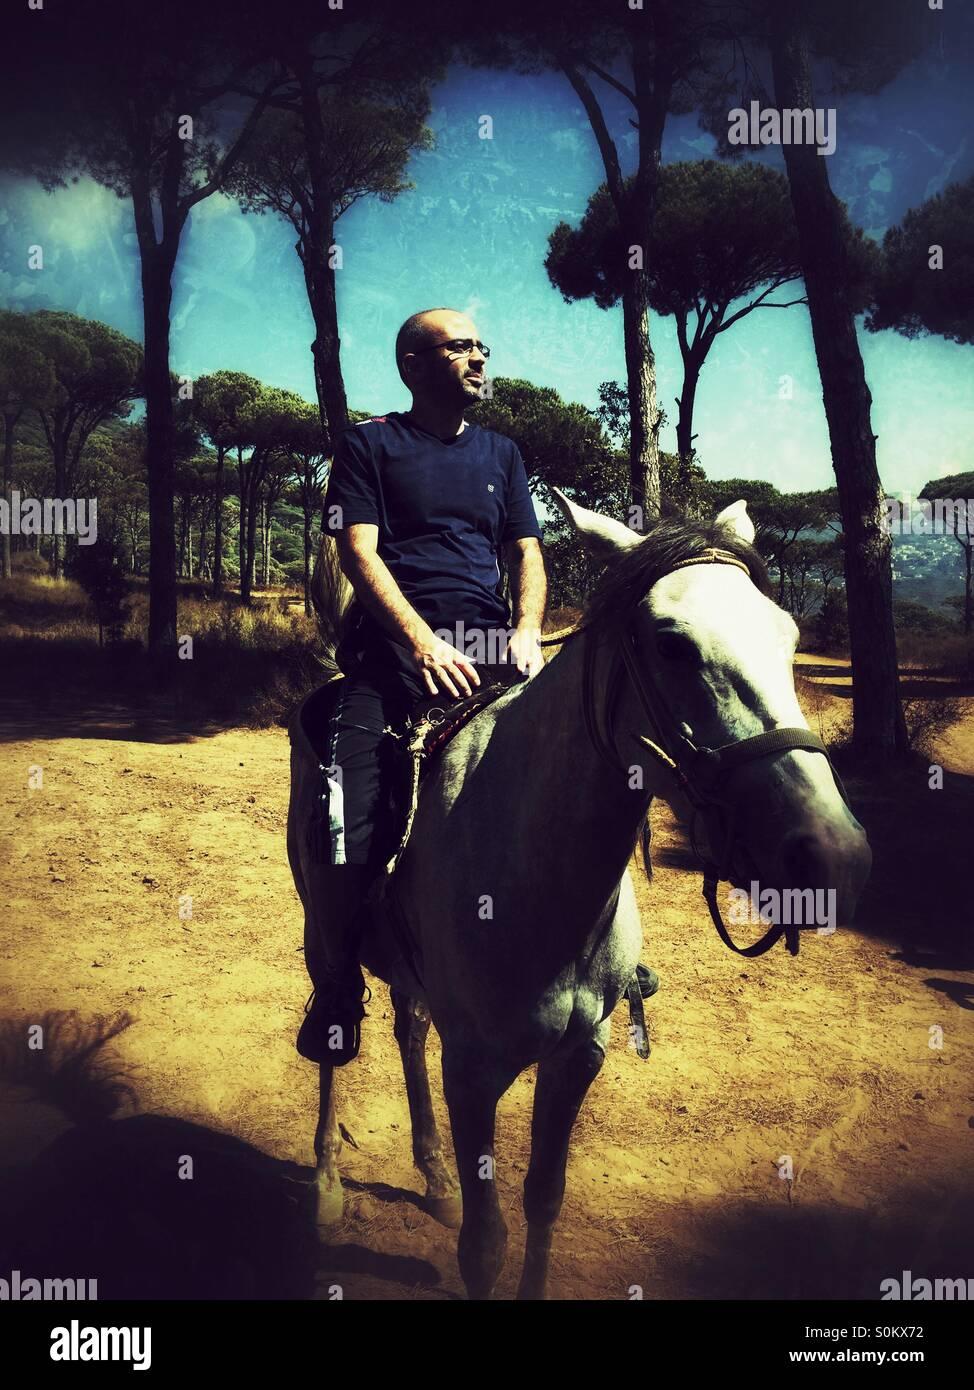 La edad media al hombre a caballo en el bosque Imagen De Stock